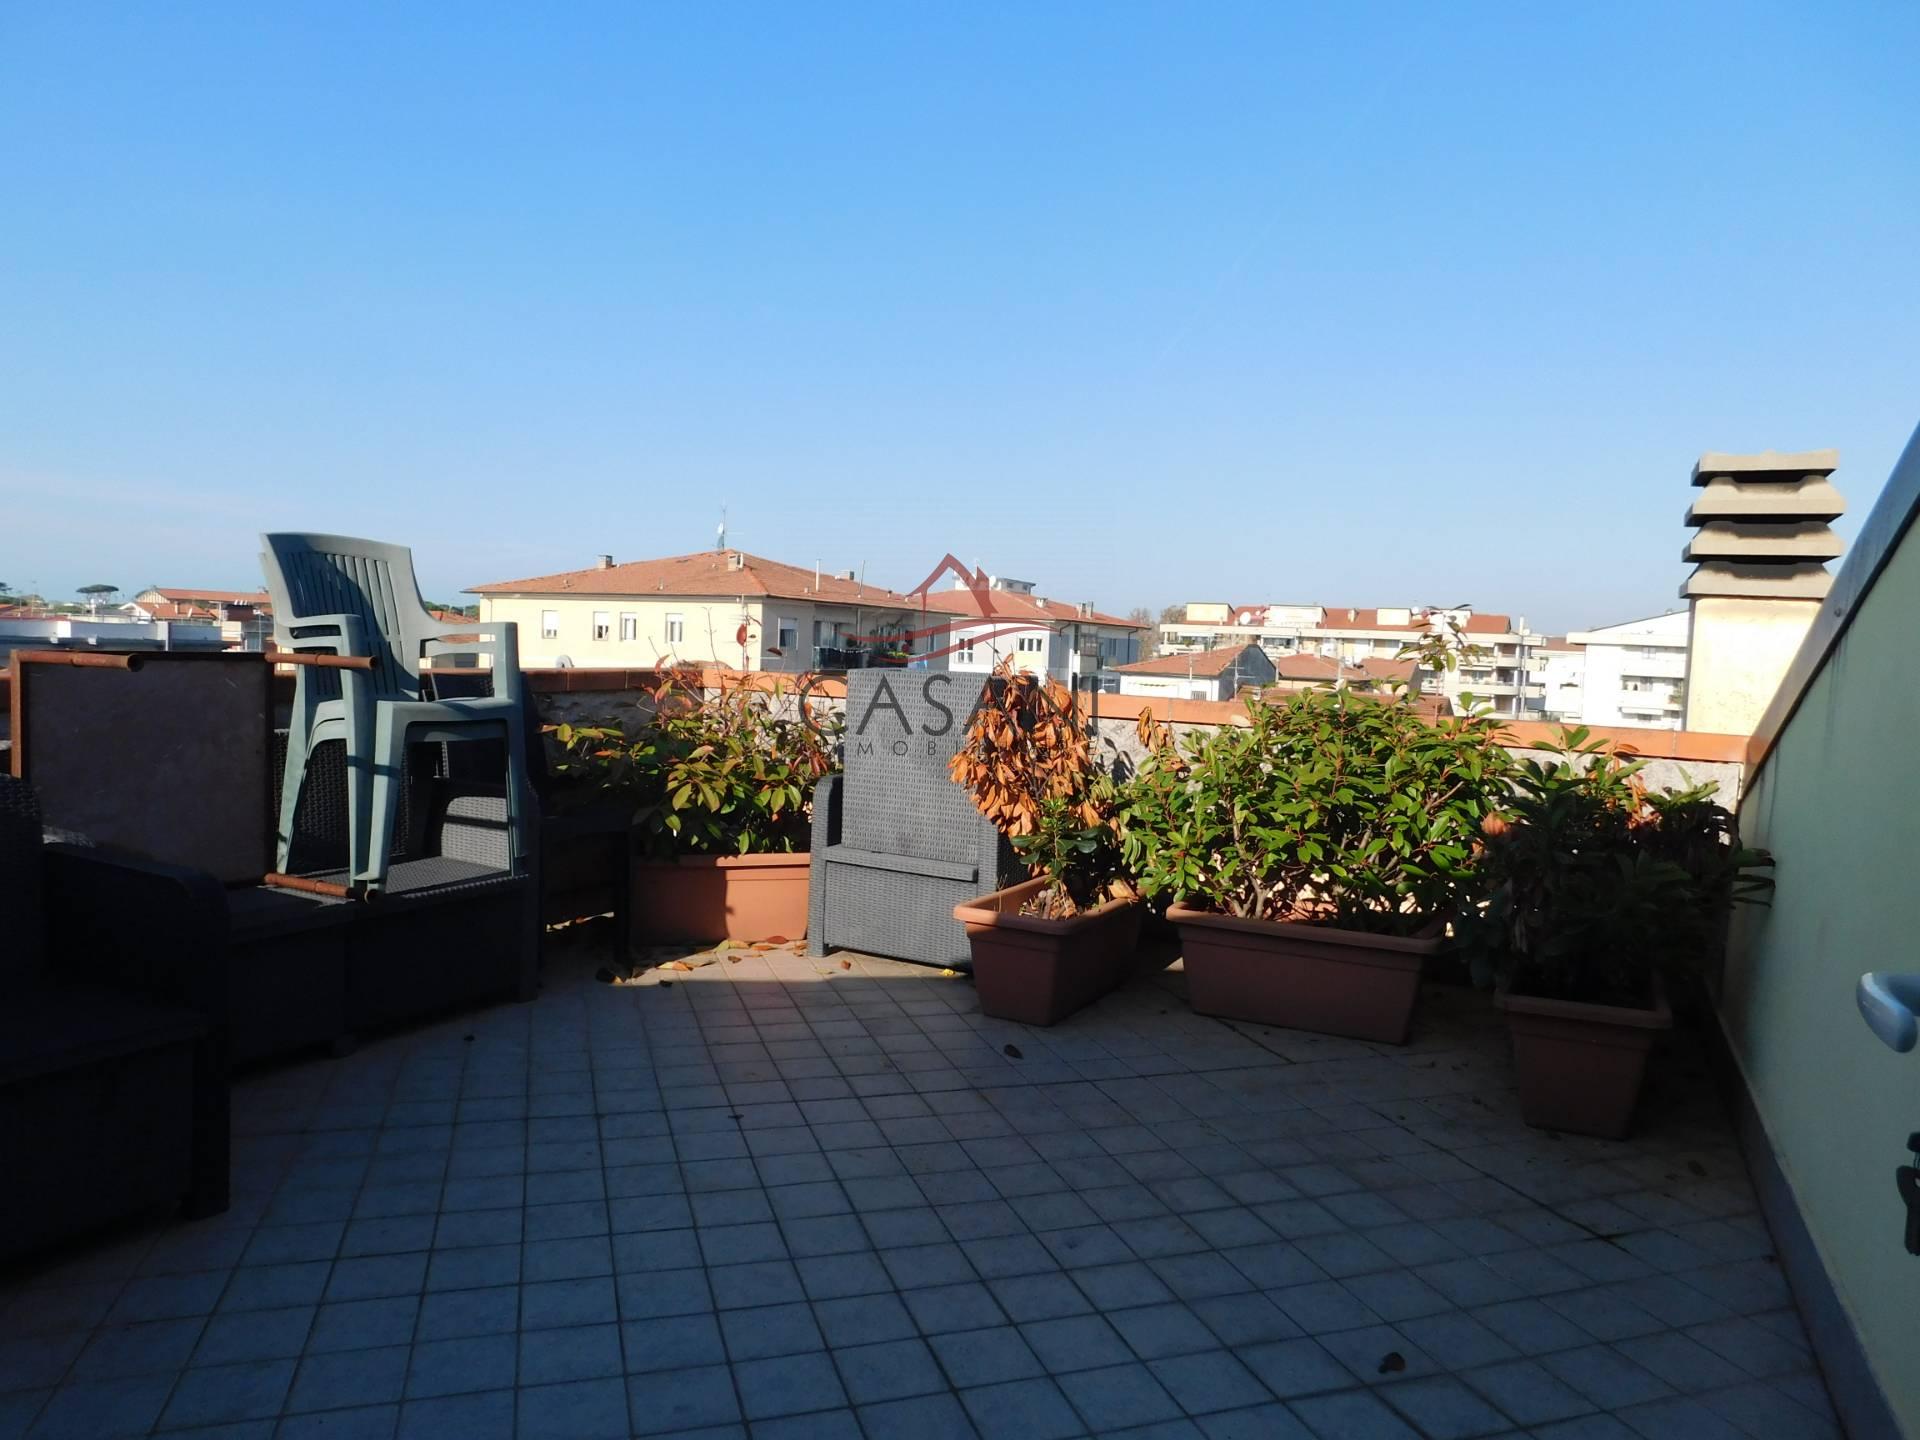 Appartamento in vendita a viareggio cod 46 - Bagno sole viareggio ...